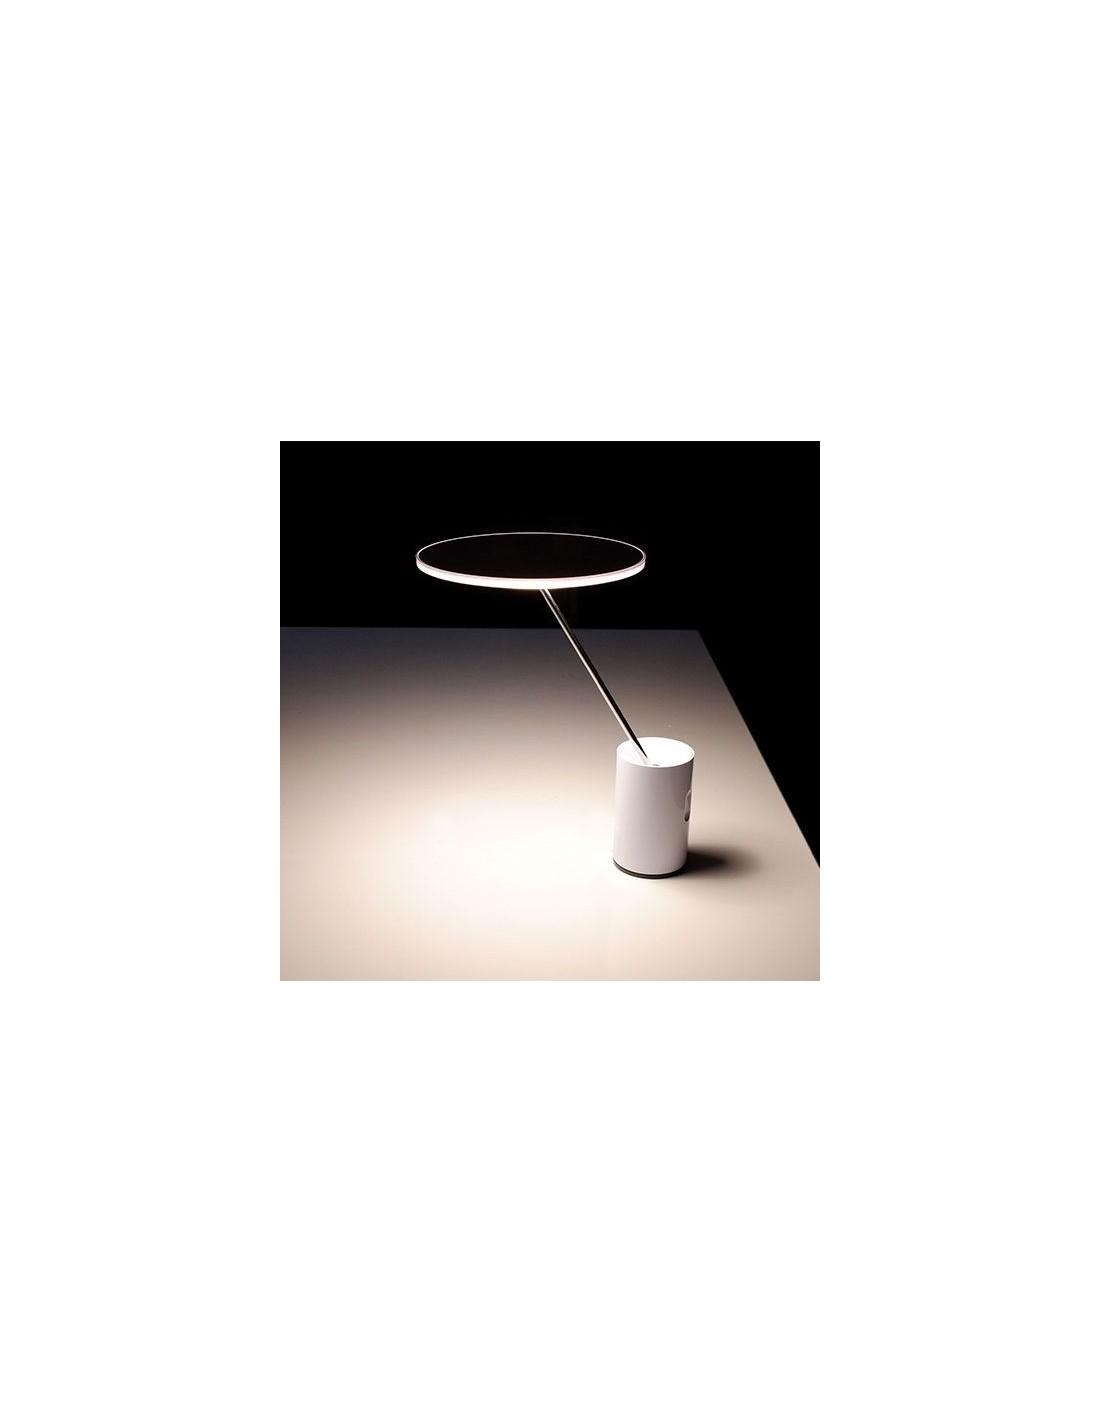 Lampe articul e sisifo - Lampe bureau articulee ...